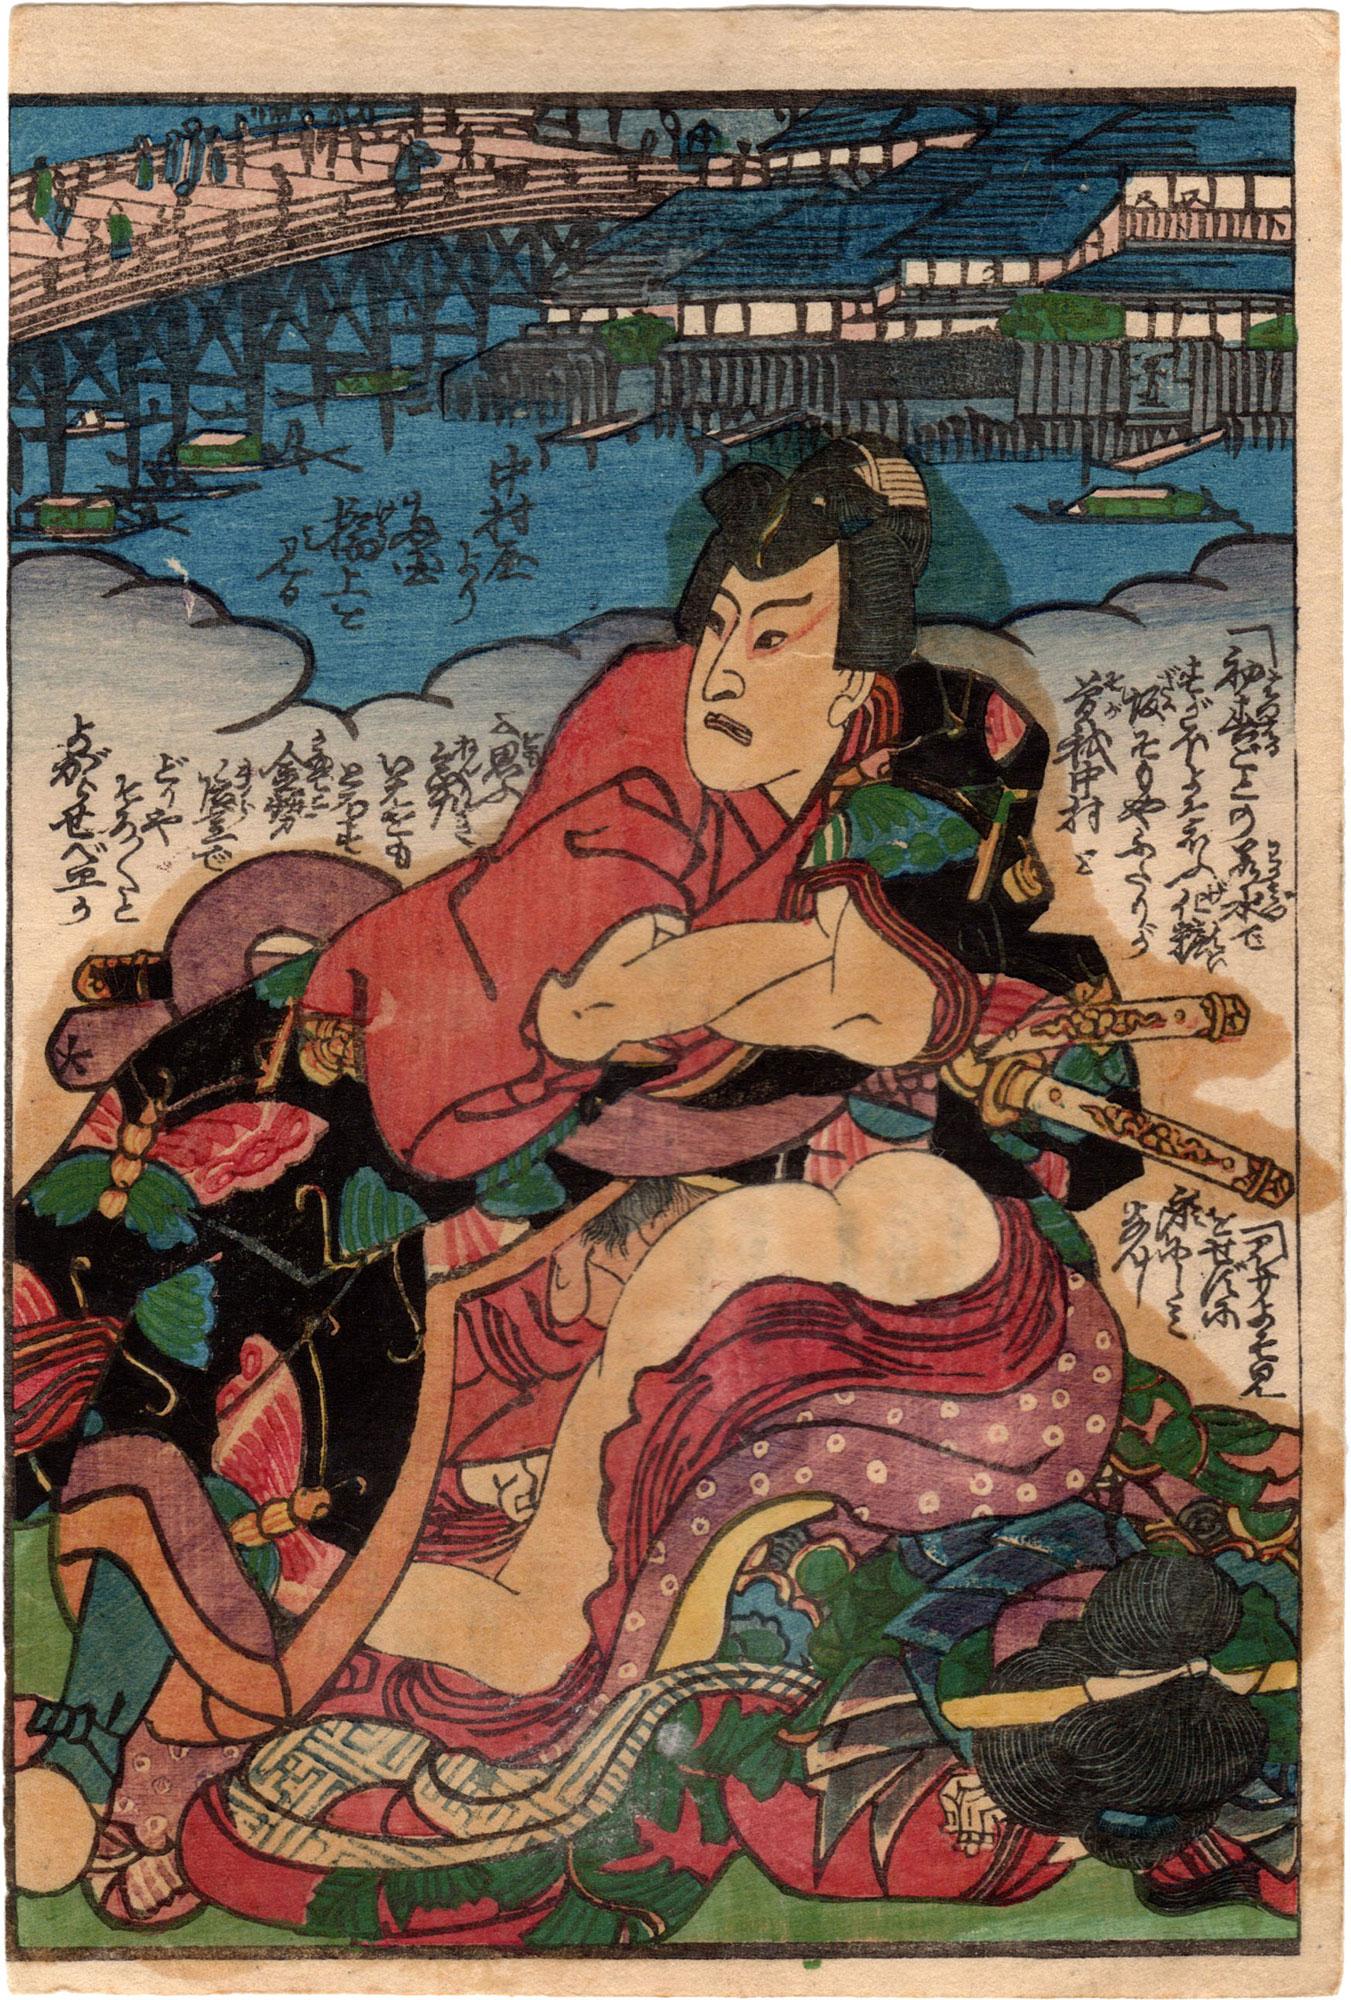 NAKAMURAYA (Toyohara Kunichika)